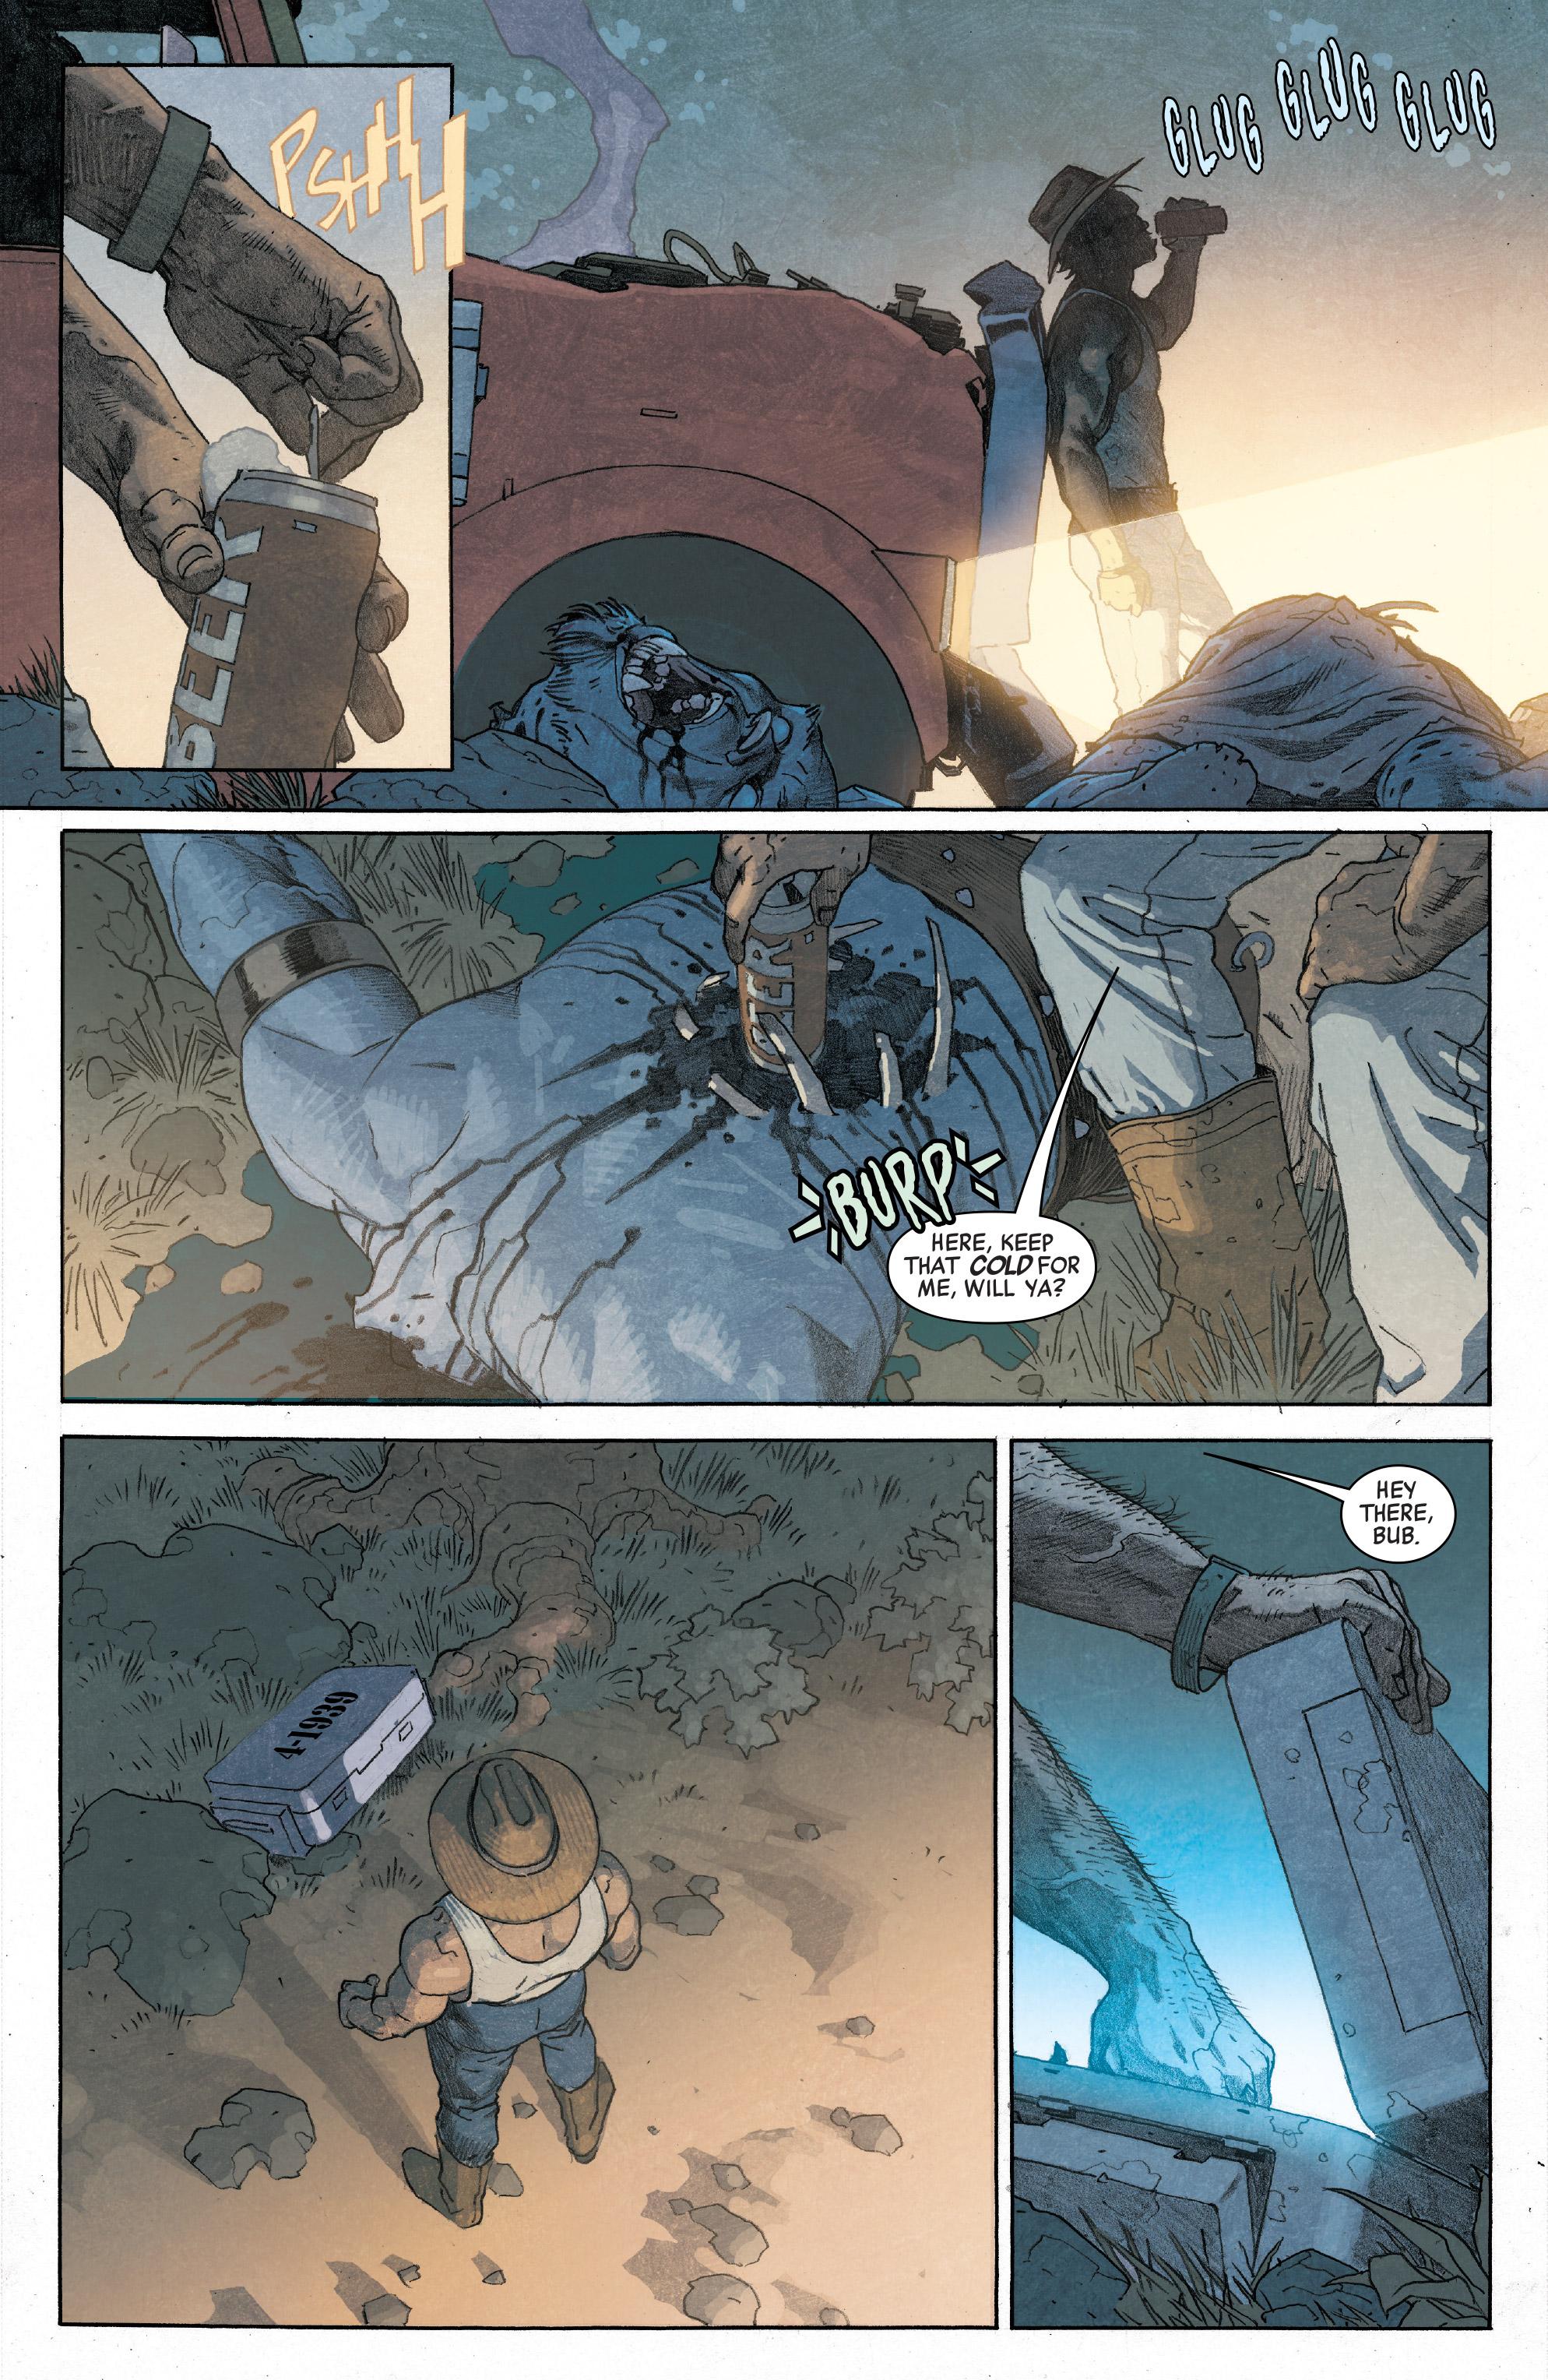 Marvel legacy # 1 spoilers